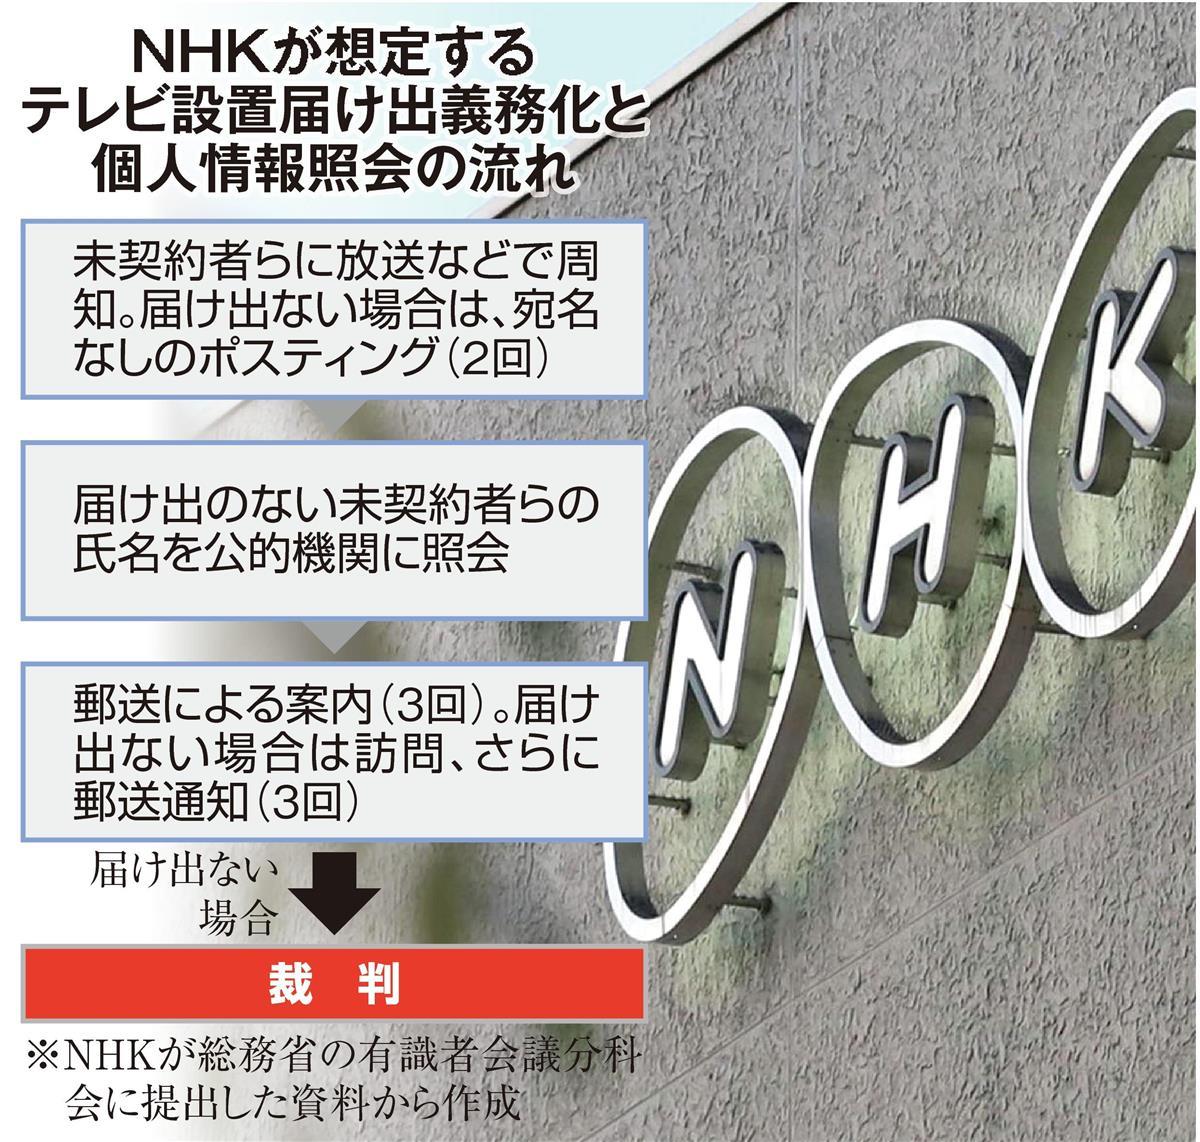 島根 ニュース nhk